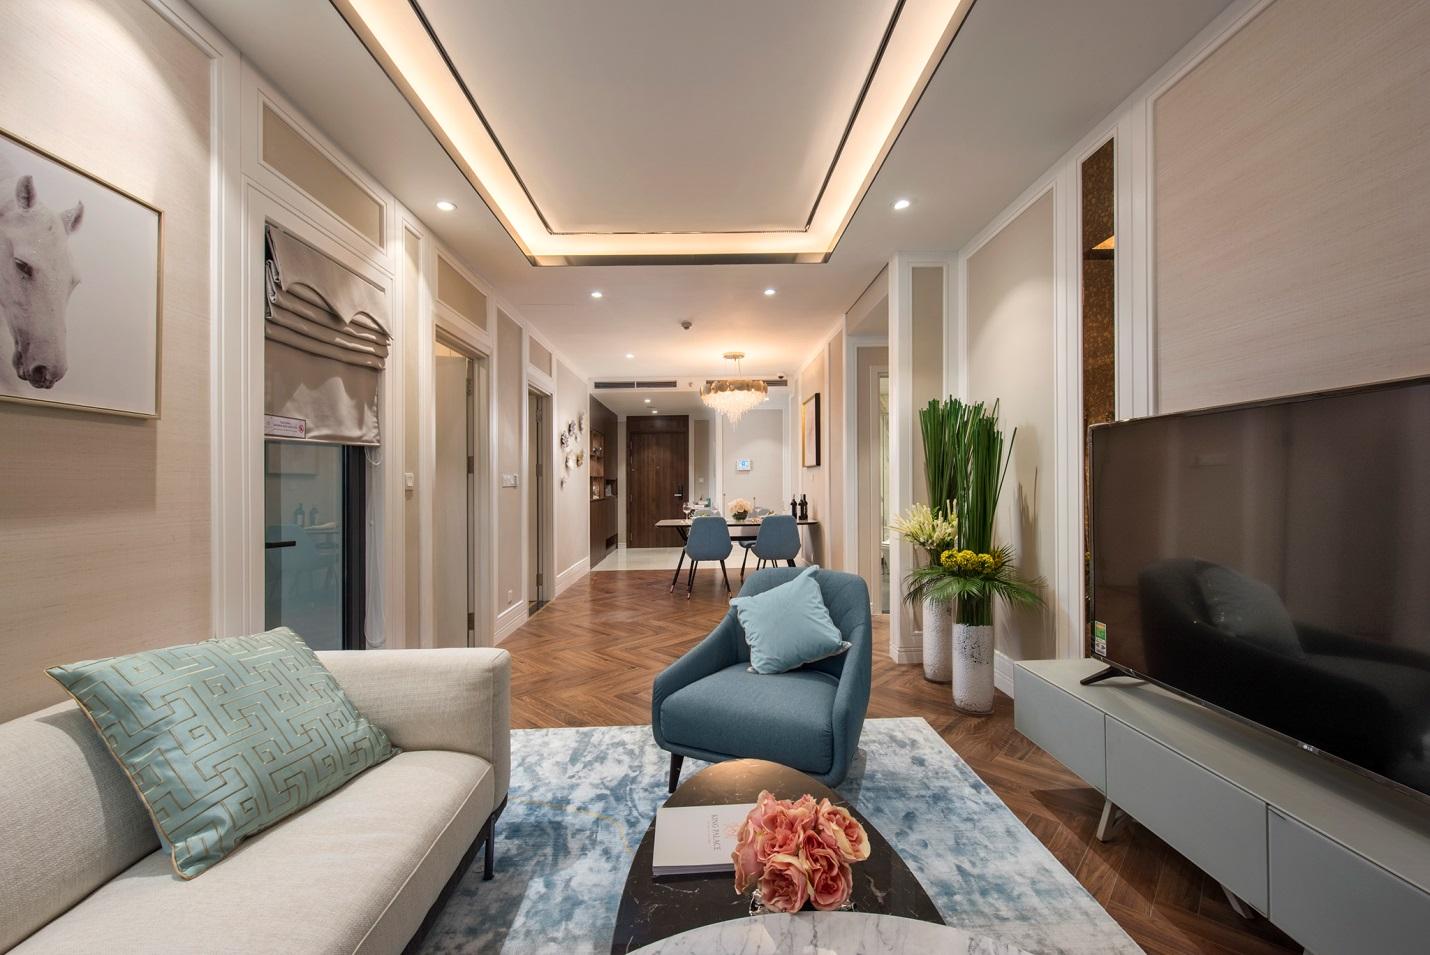 Cuối năm 2019, Hà Nội thiếu hụt trầm trọng nguồn cung căn hộ cao cấp - ảnh 1